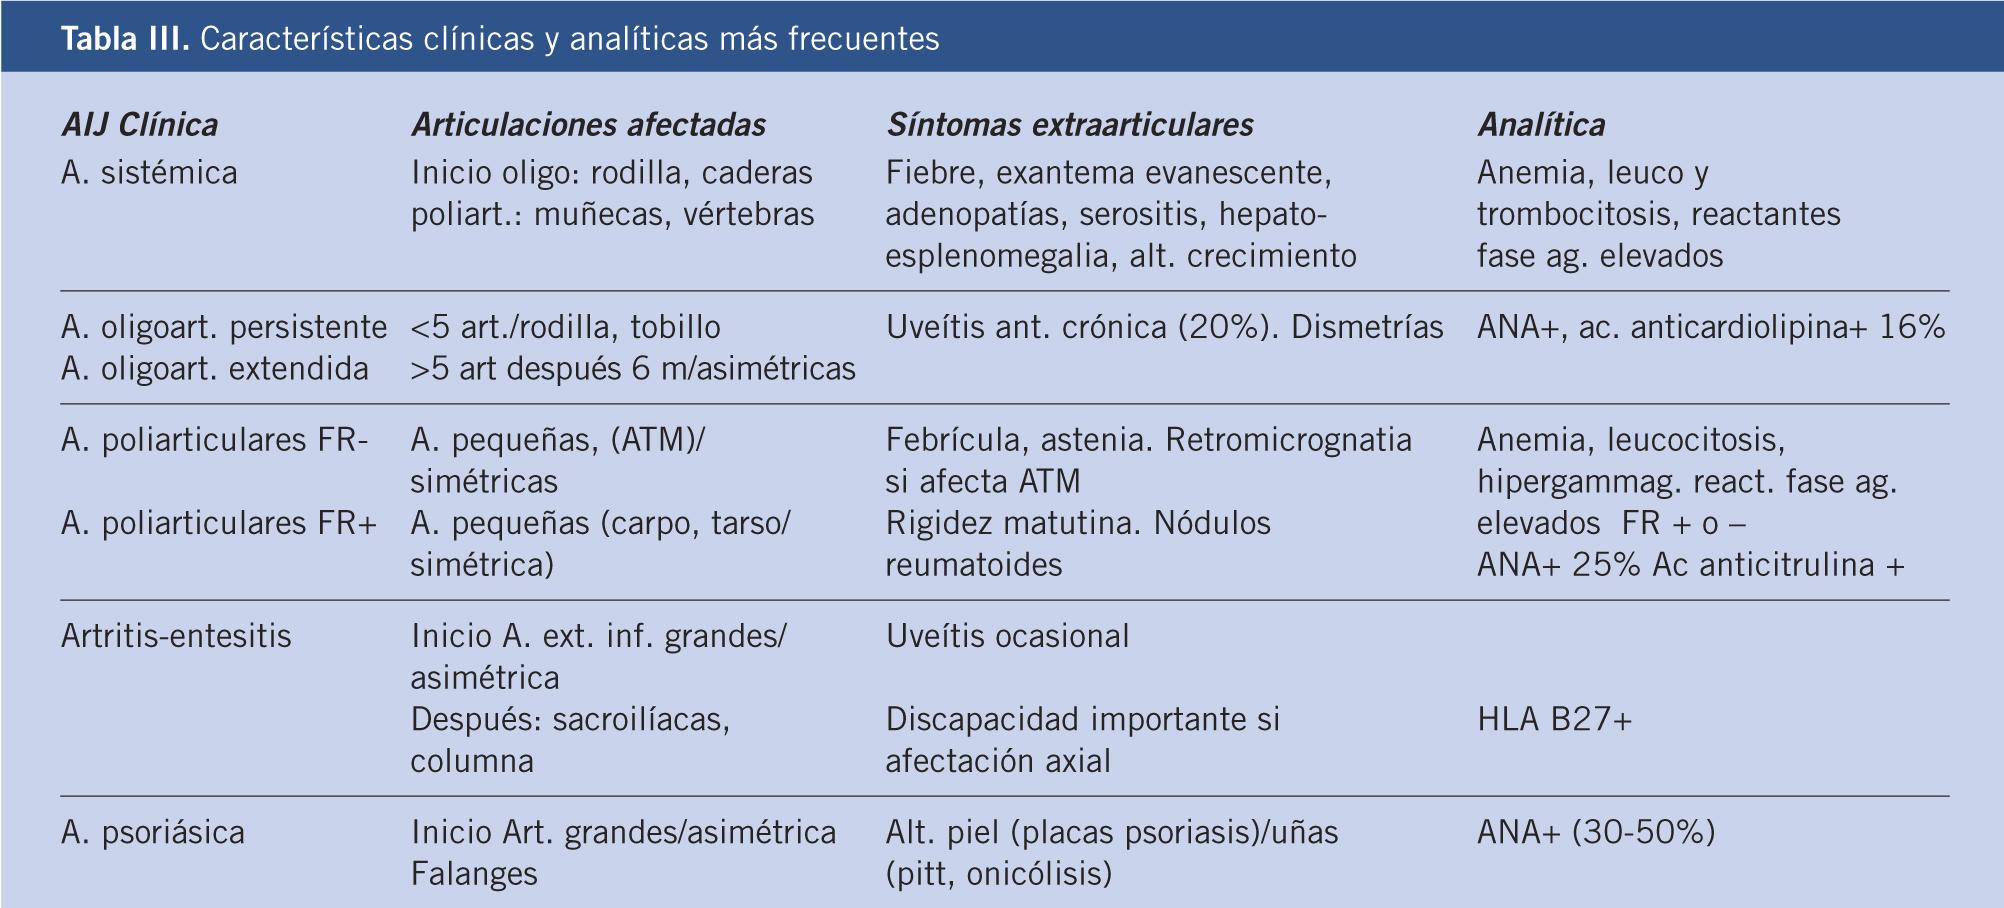 analgesicos esteroideos y no esteroideos